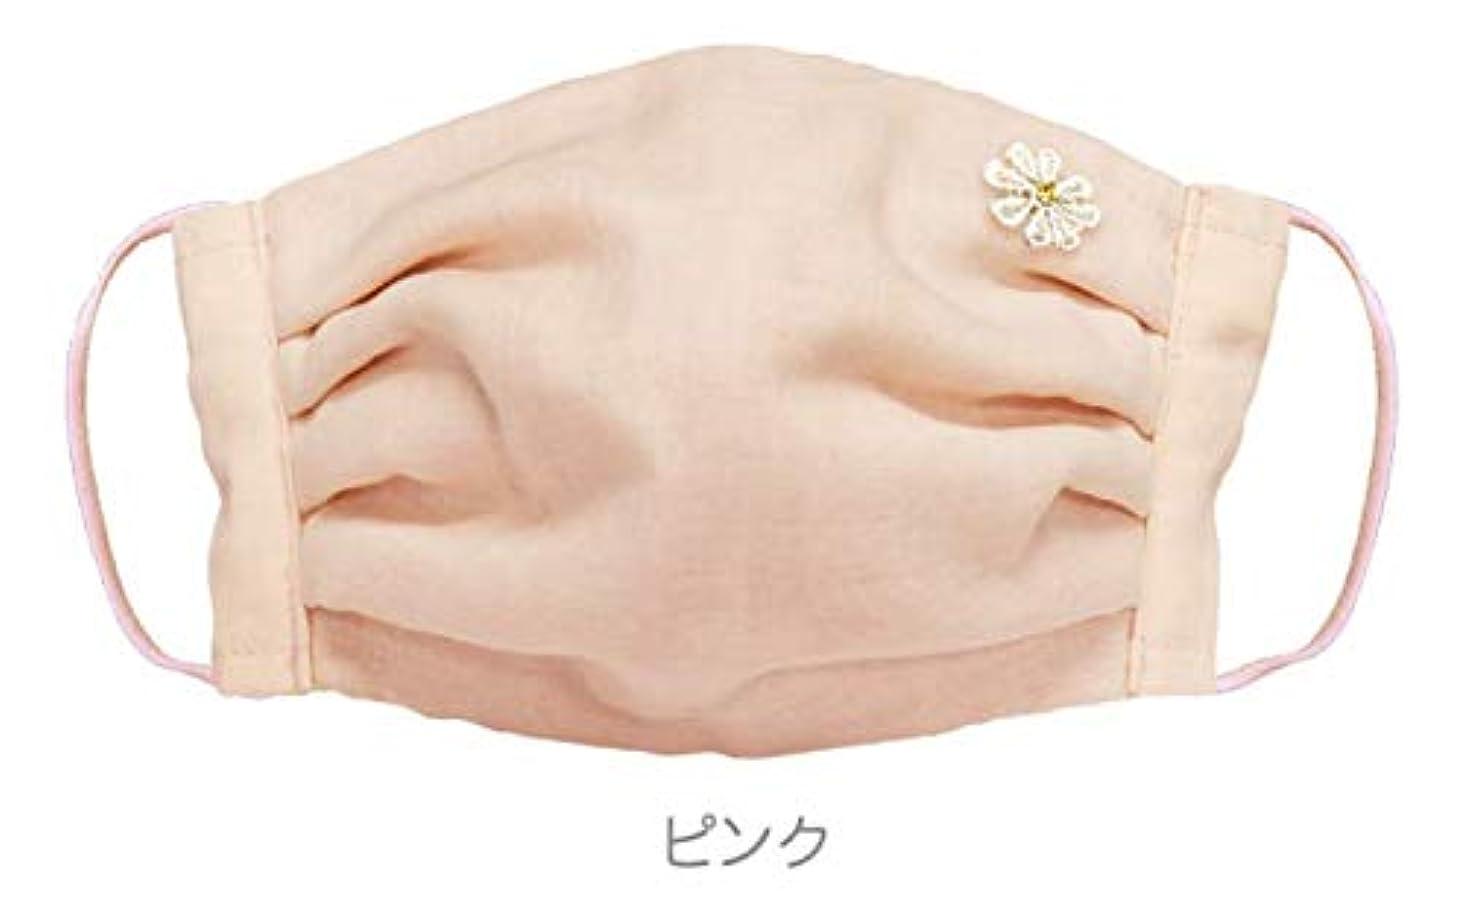 靴下に沿って自伝スリーピング マスク 今治産 タオル マスクおやすみマスク睡眠 安眠 乾燥対策 防寒 就寝 うるおい 保湿 可愛い 寝るとき マスク日本製 プレゼント (ピンク)